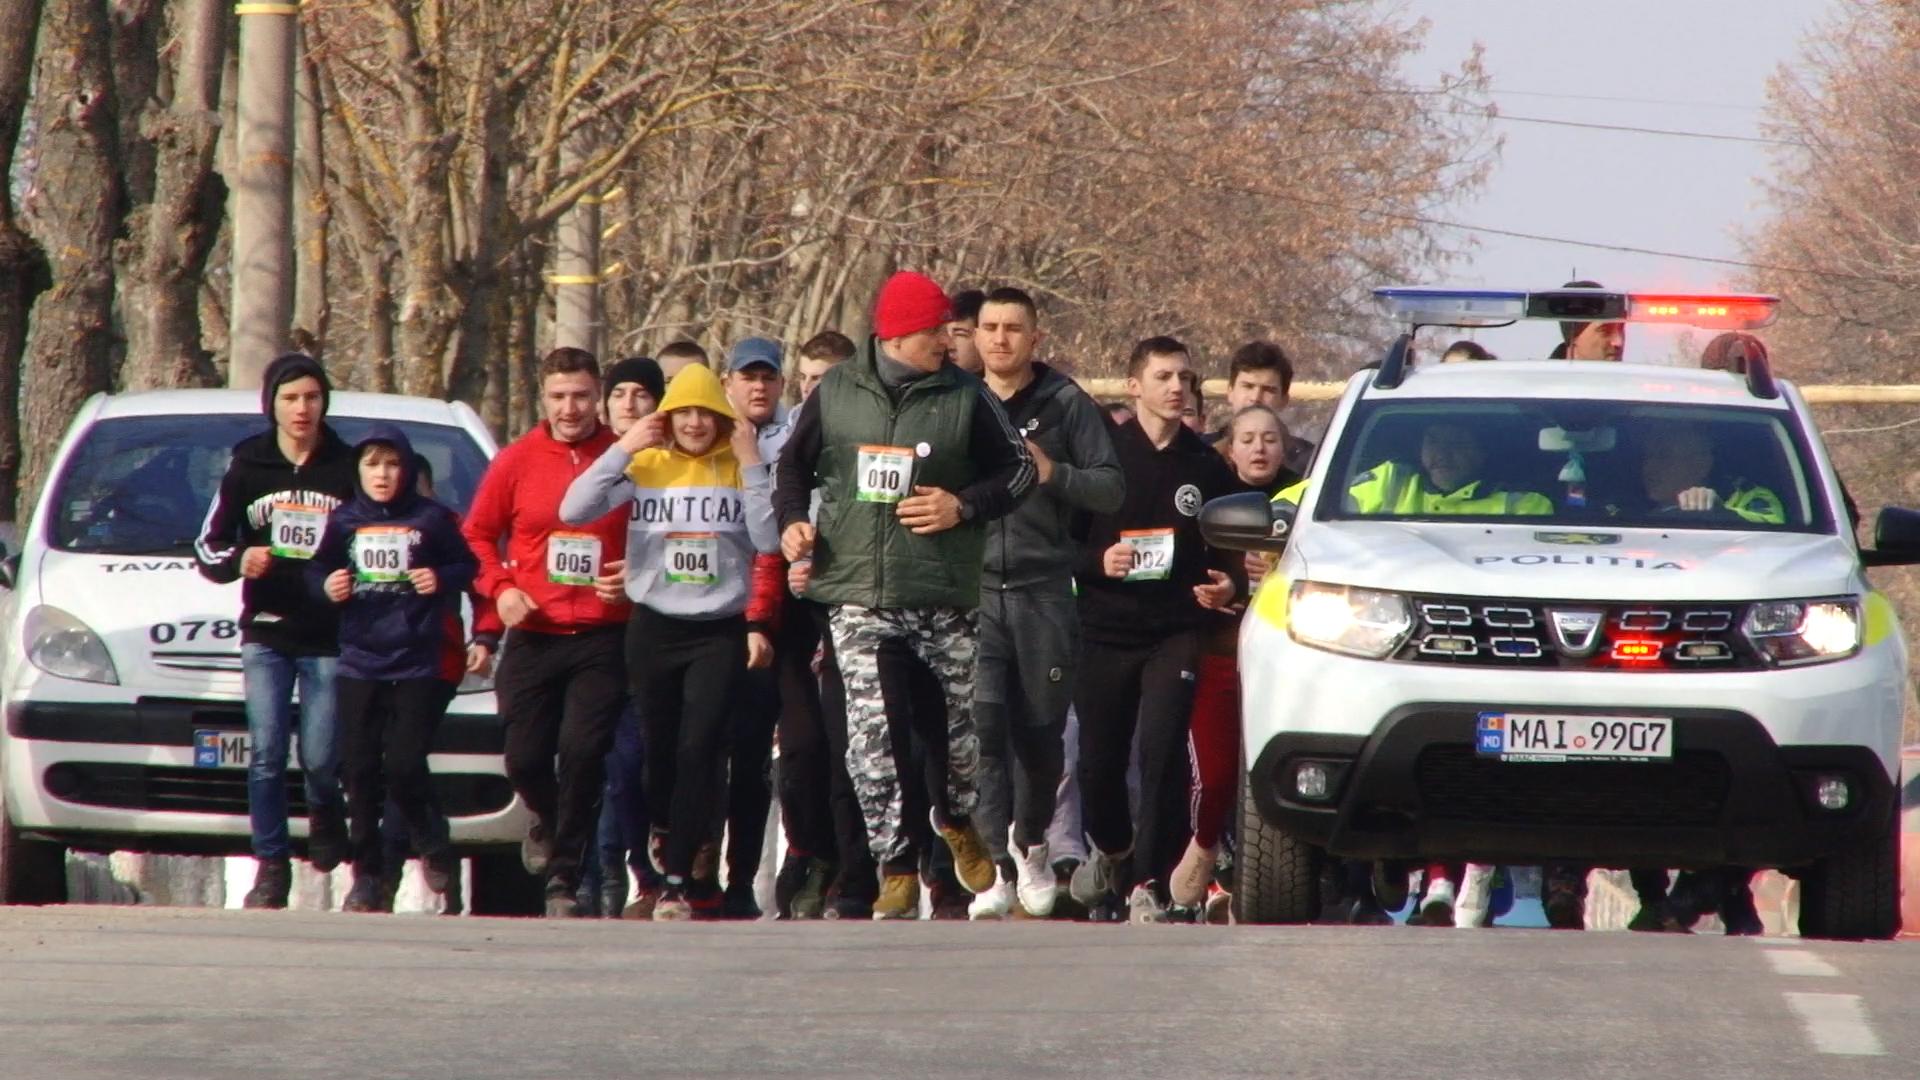 VIDEO   Alergăm pentru Varvara! Peste 150 de persoane au alergat, la Ocnița, pentru a salva viața unei micuțe bolnavă de cancer